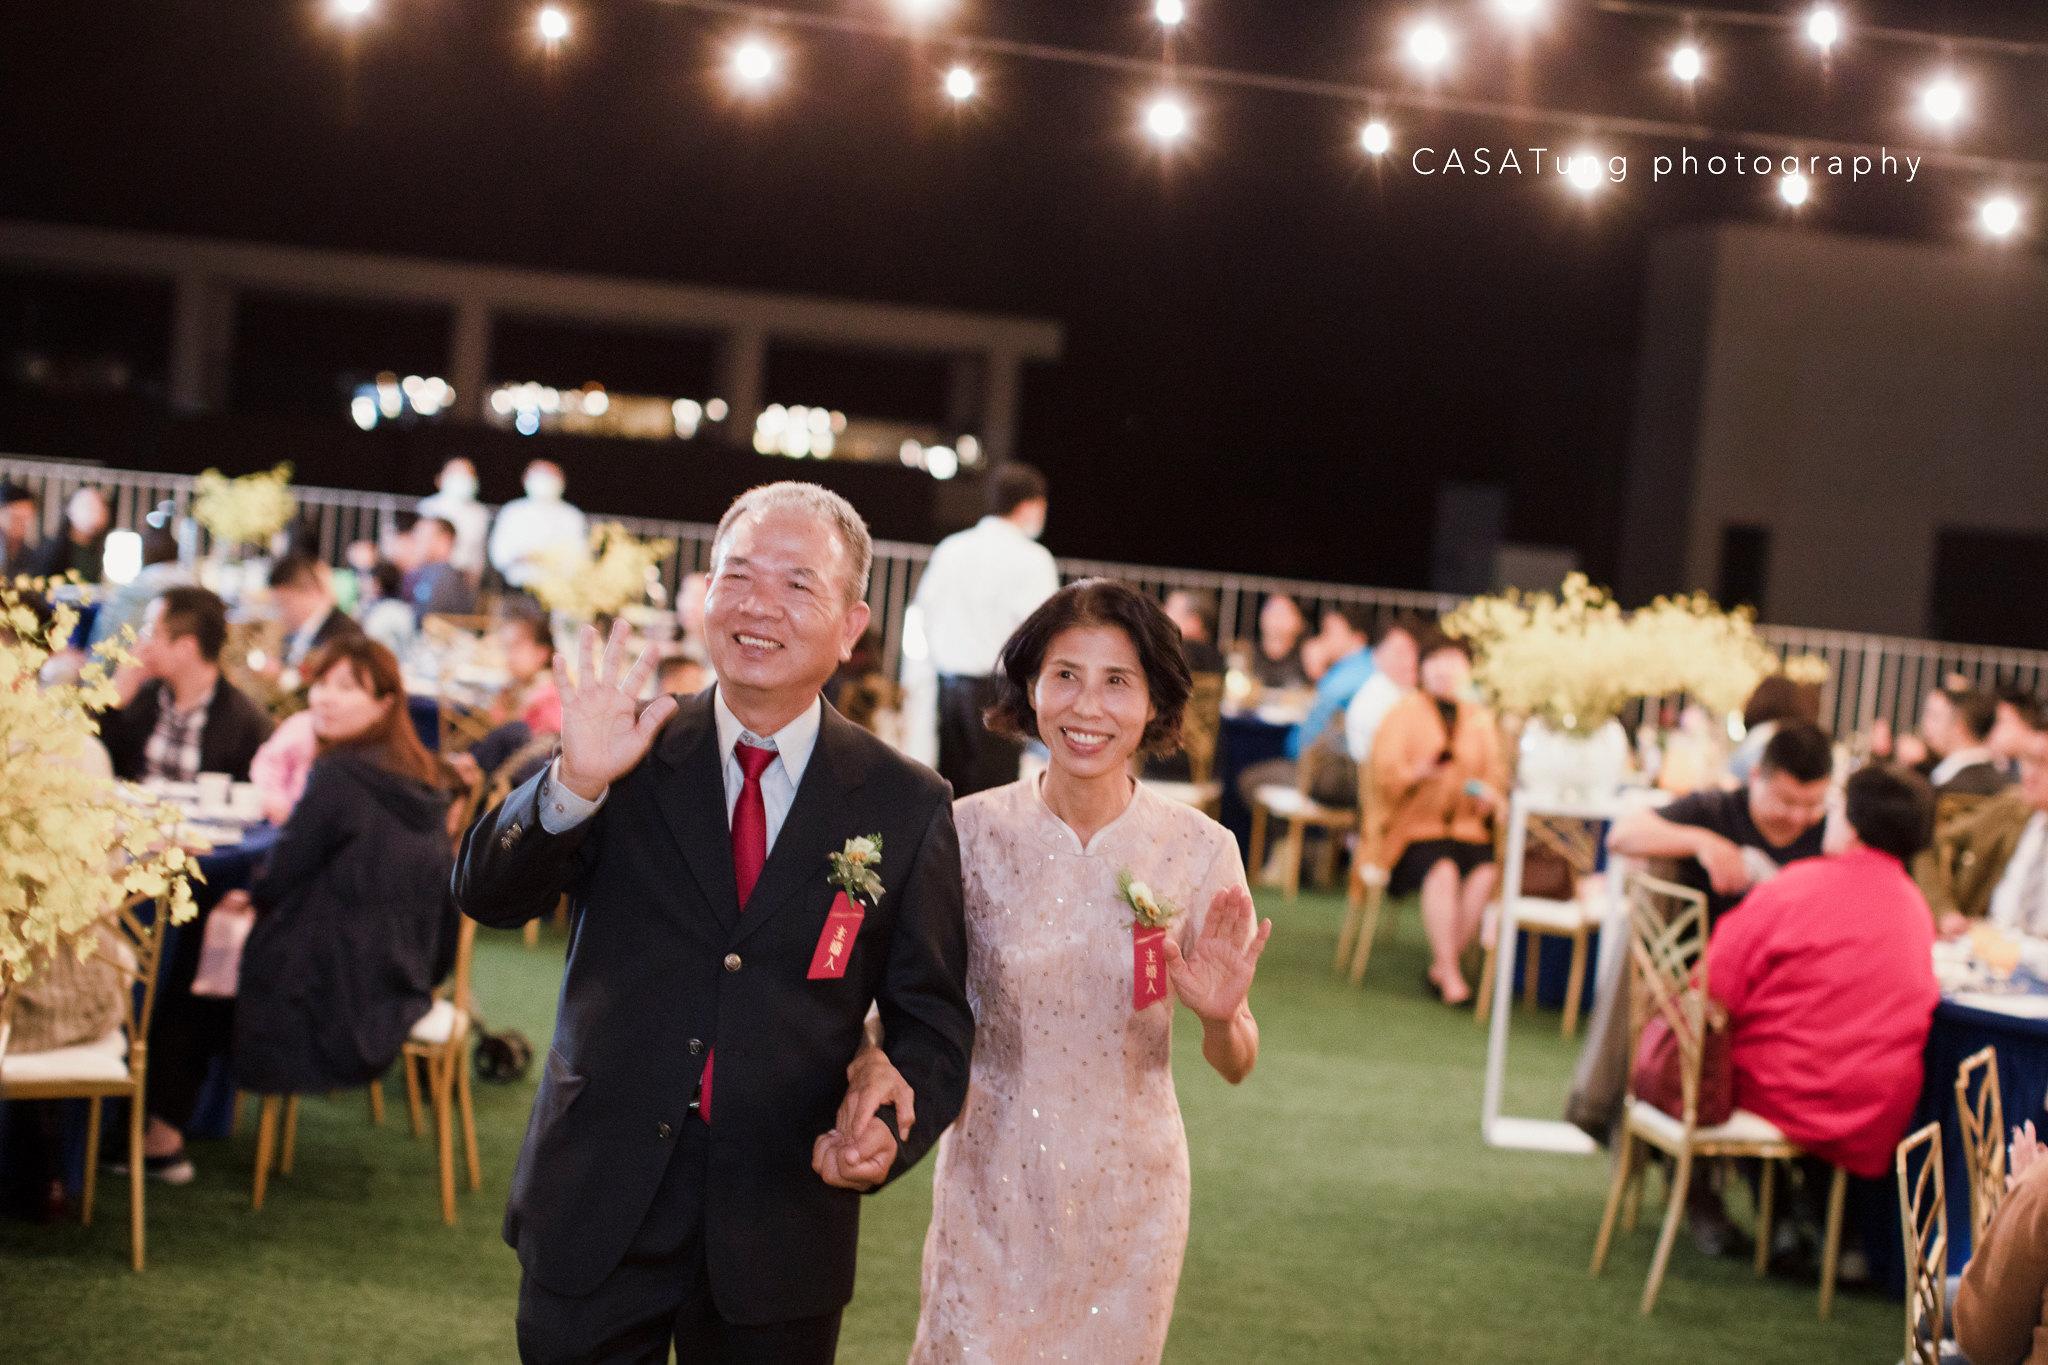 台中自助婚紗,旋轉木馬,心之芳庭,婚攝casa-83